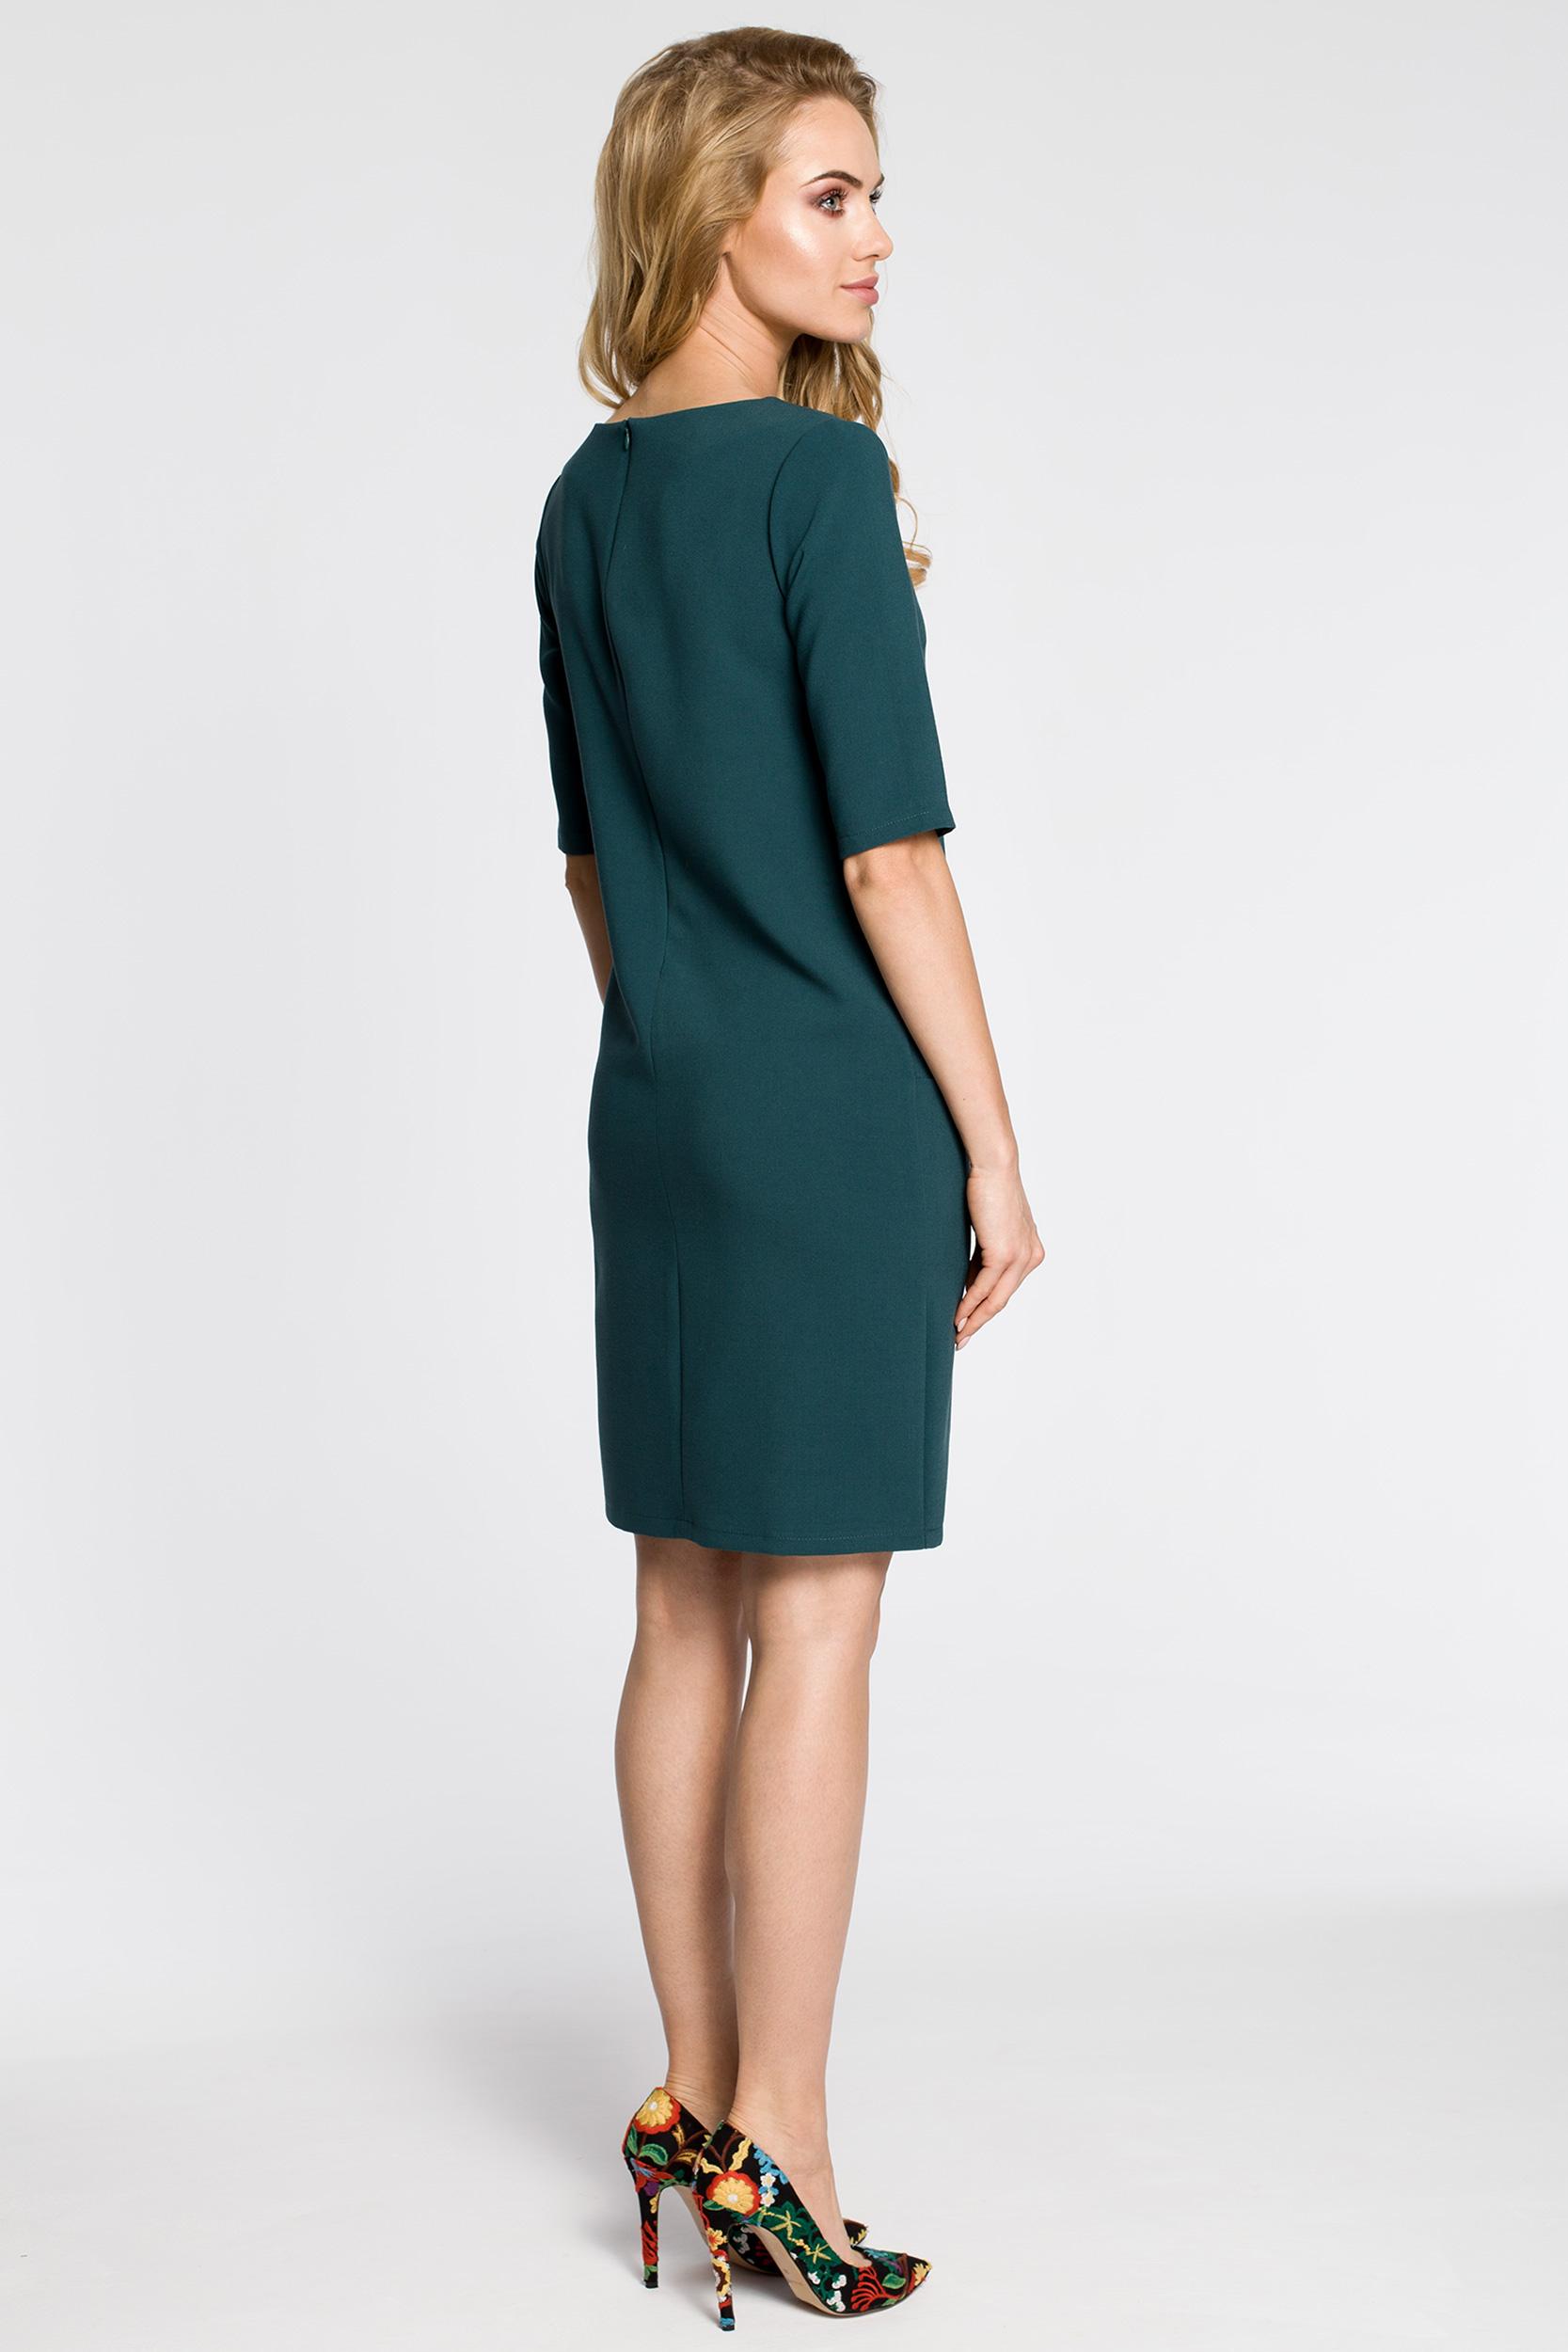 CM2561 Prosta sukienka z kieszeniami z przodu - zielona